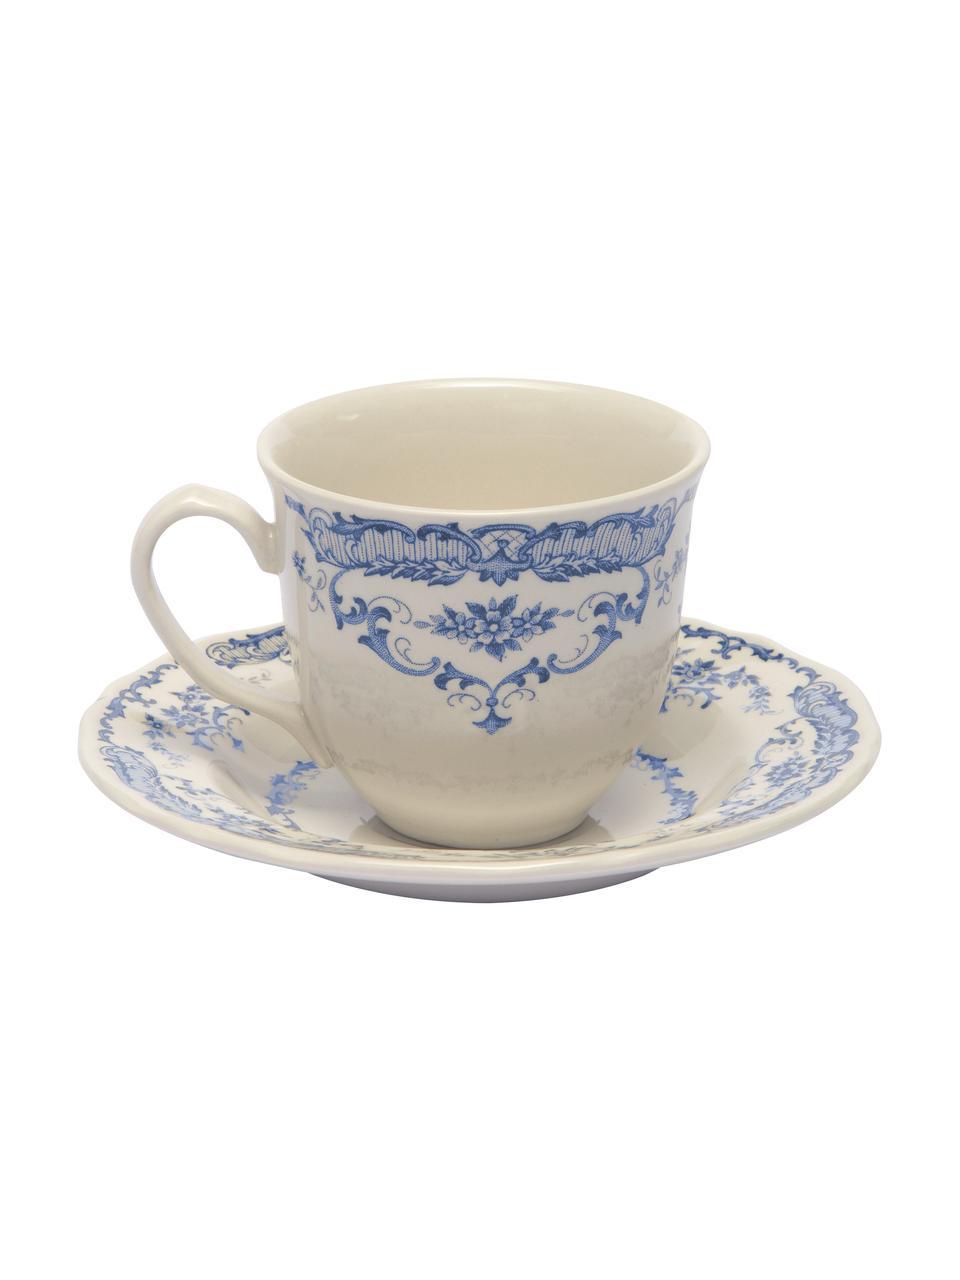 Tasses à thé avec sous-tasses vintage bleu Rose, 2pièces, Blanc, bleu